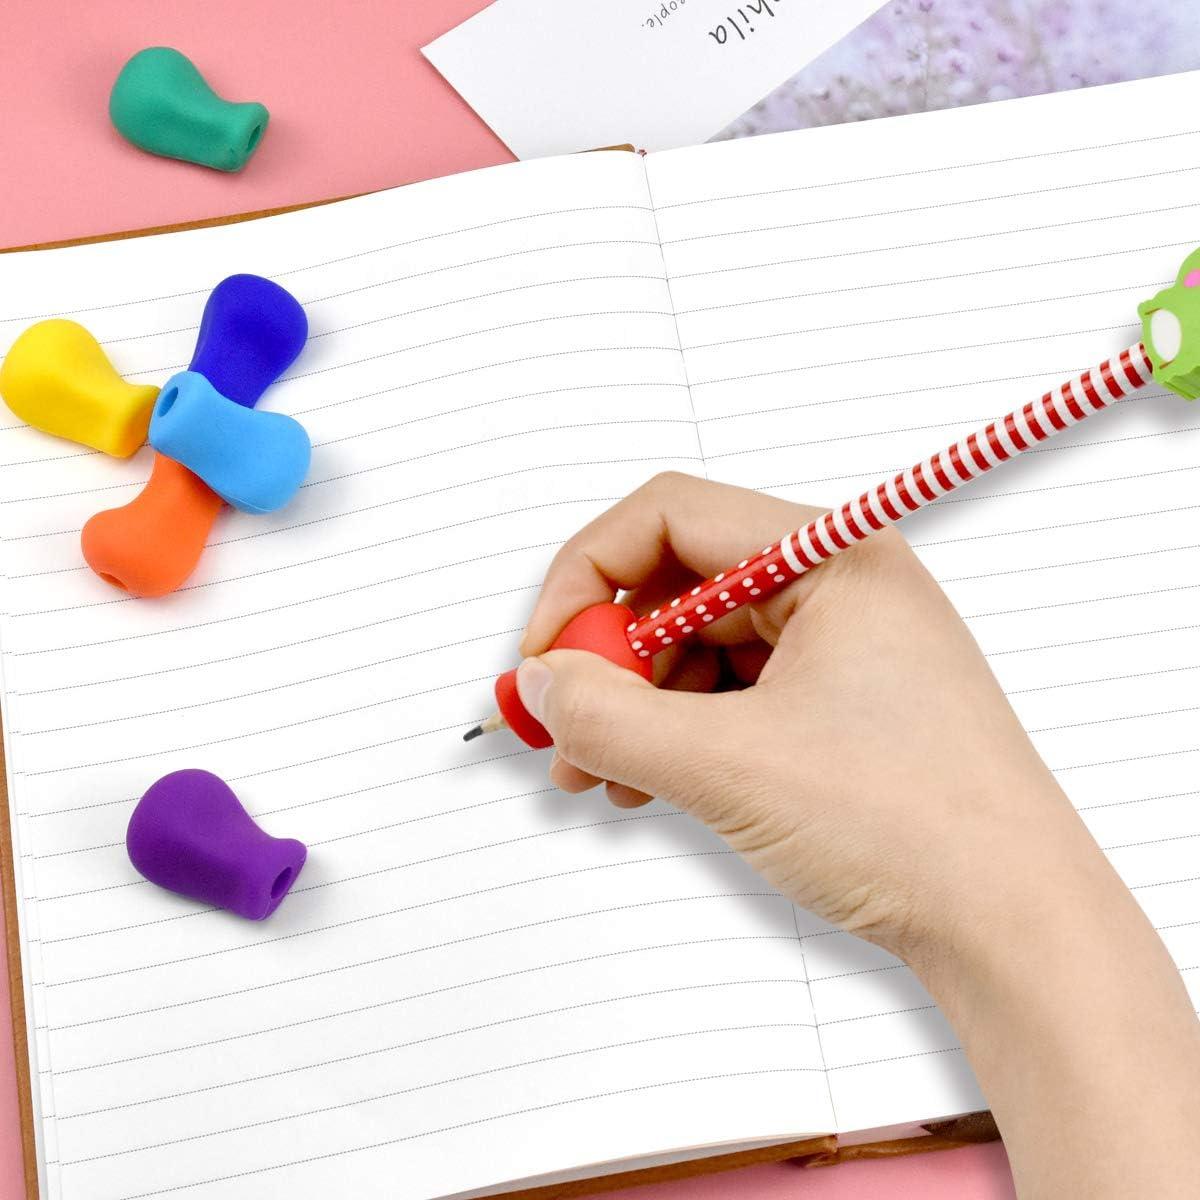 Kissral 10pcs Silicone Impugnatura Matita Bambini Pencil Gripper per Impugnatura Penna Scrittura Dello Strumento di Correzione Della Postura Ergonomico Matita Grip